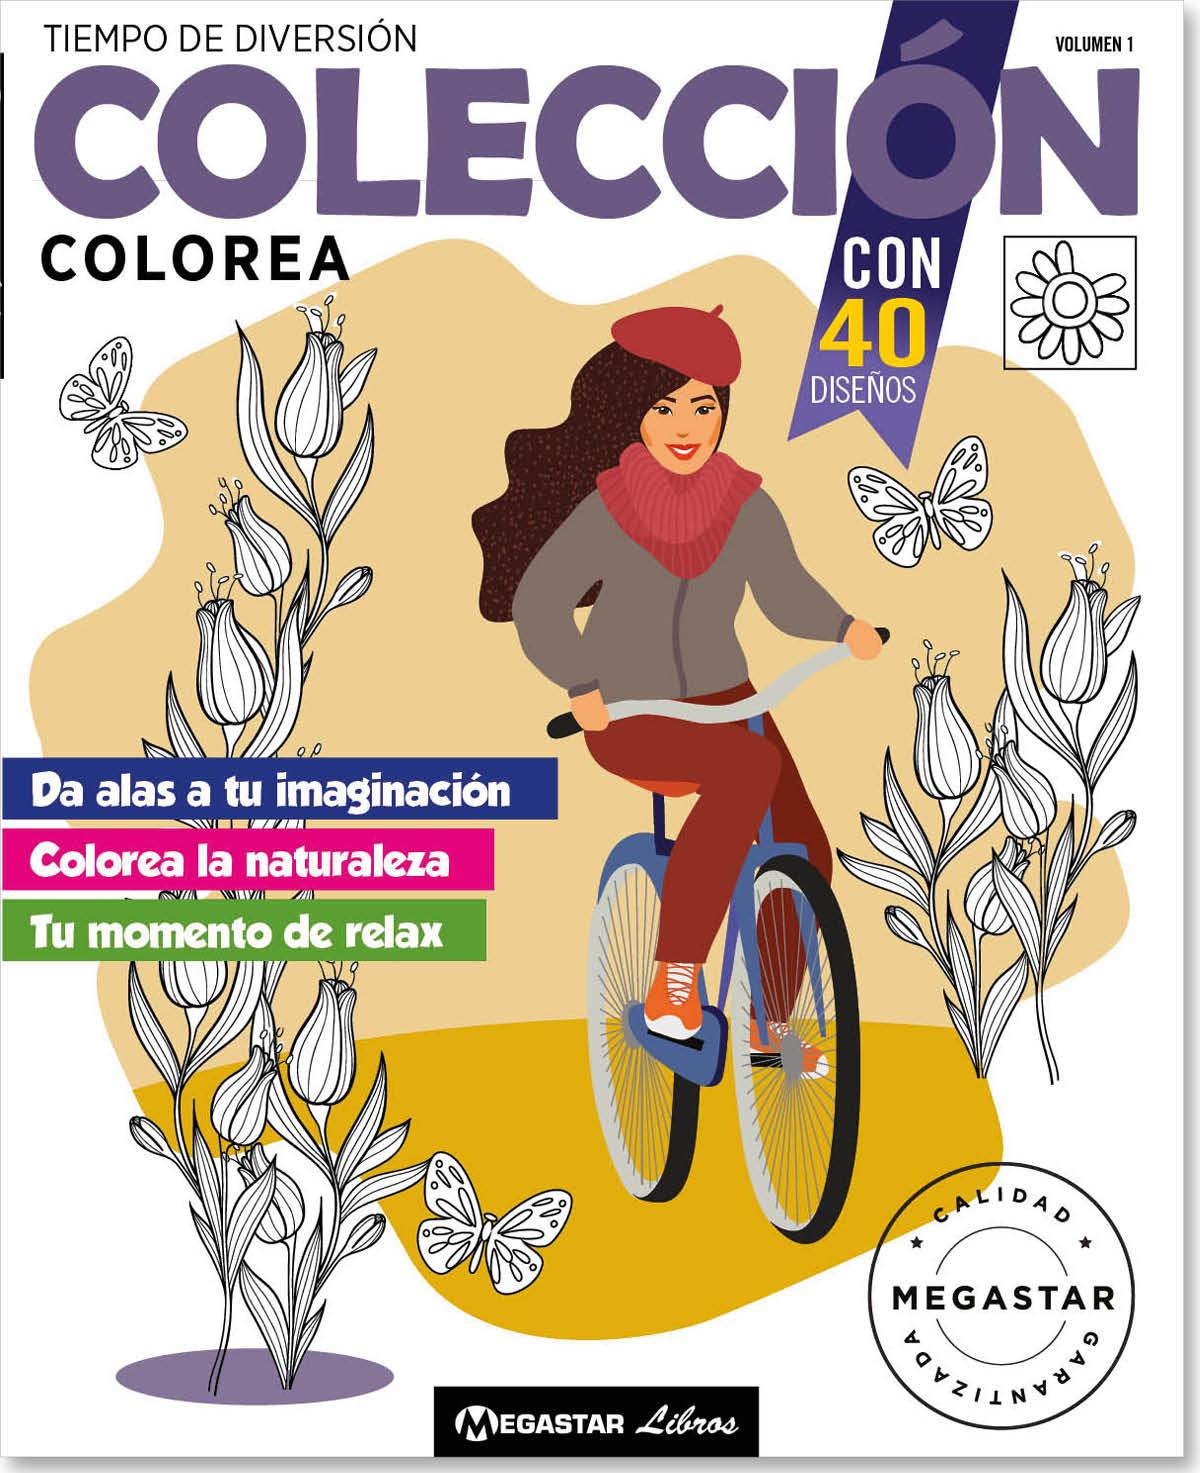 Colección Colorea vol1